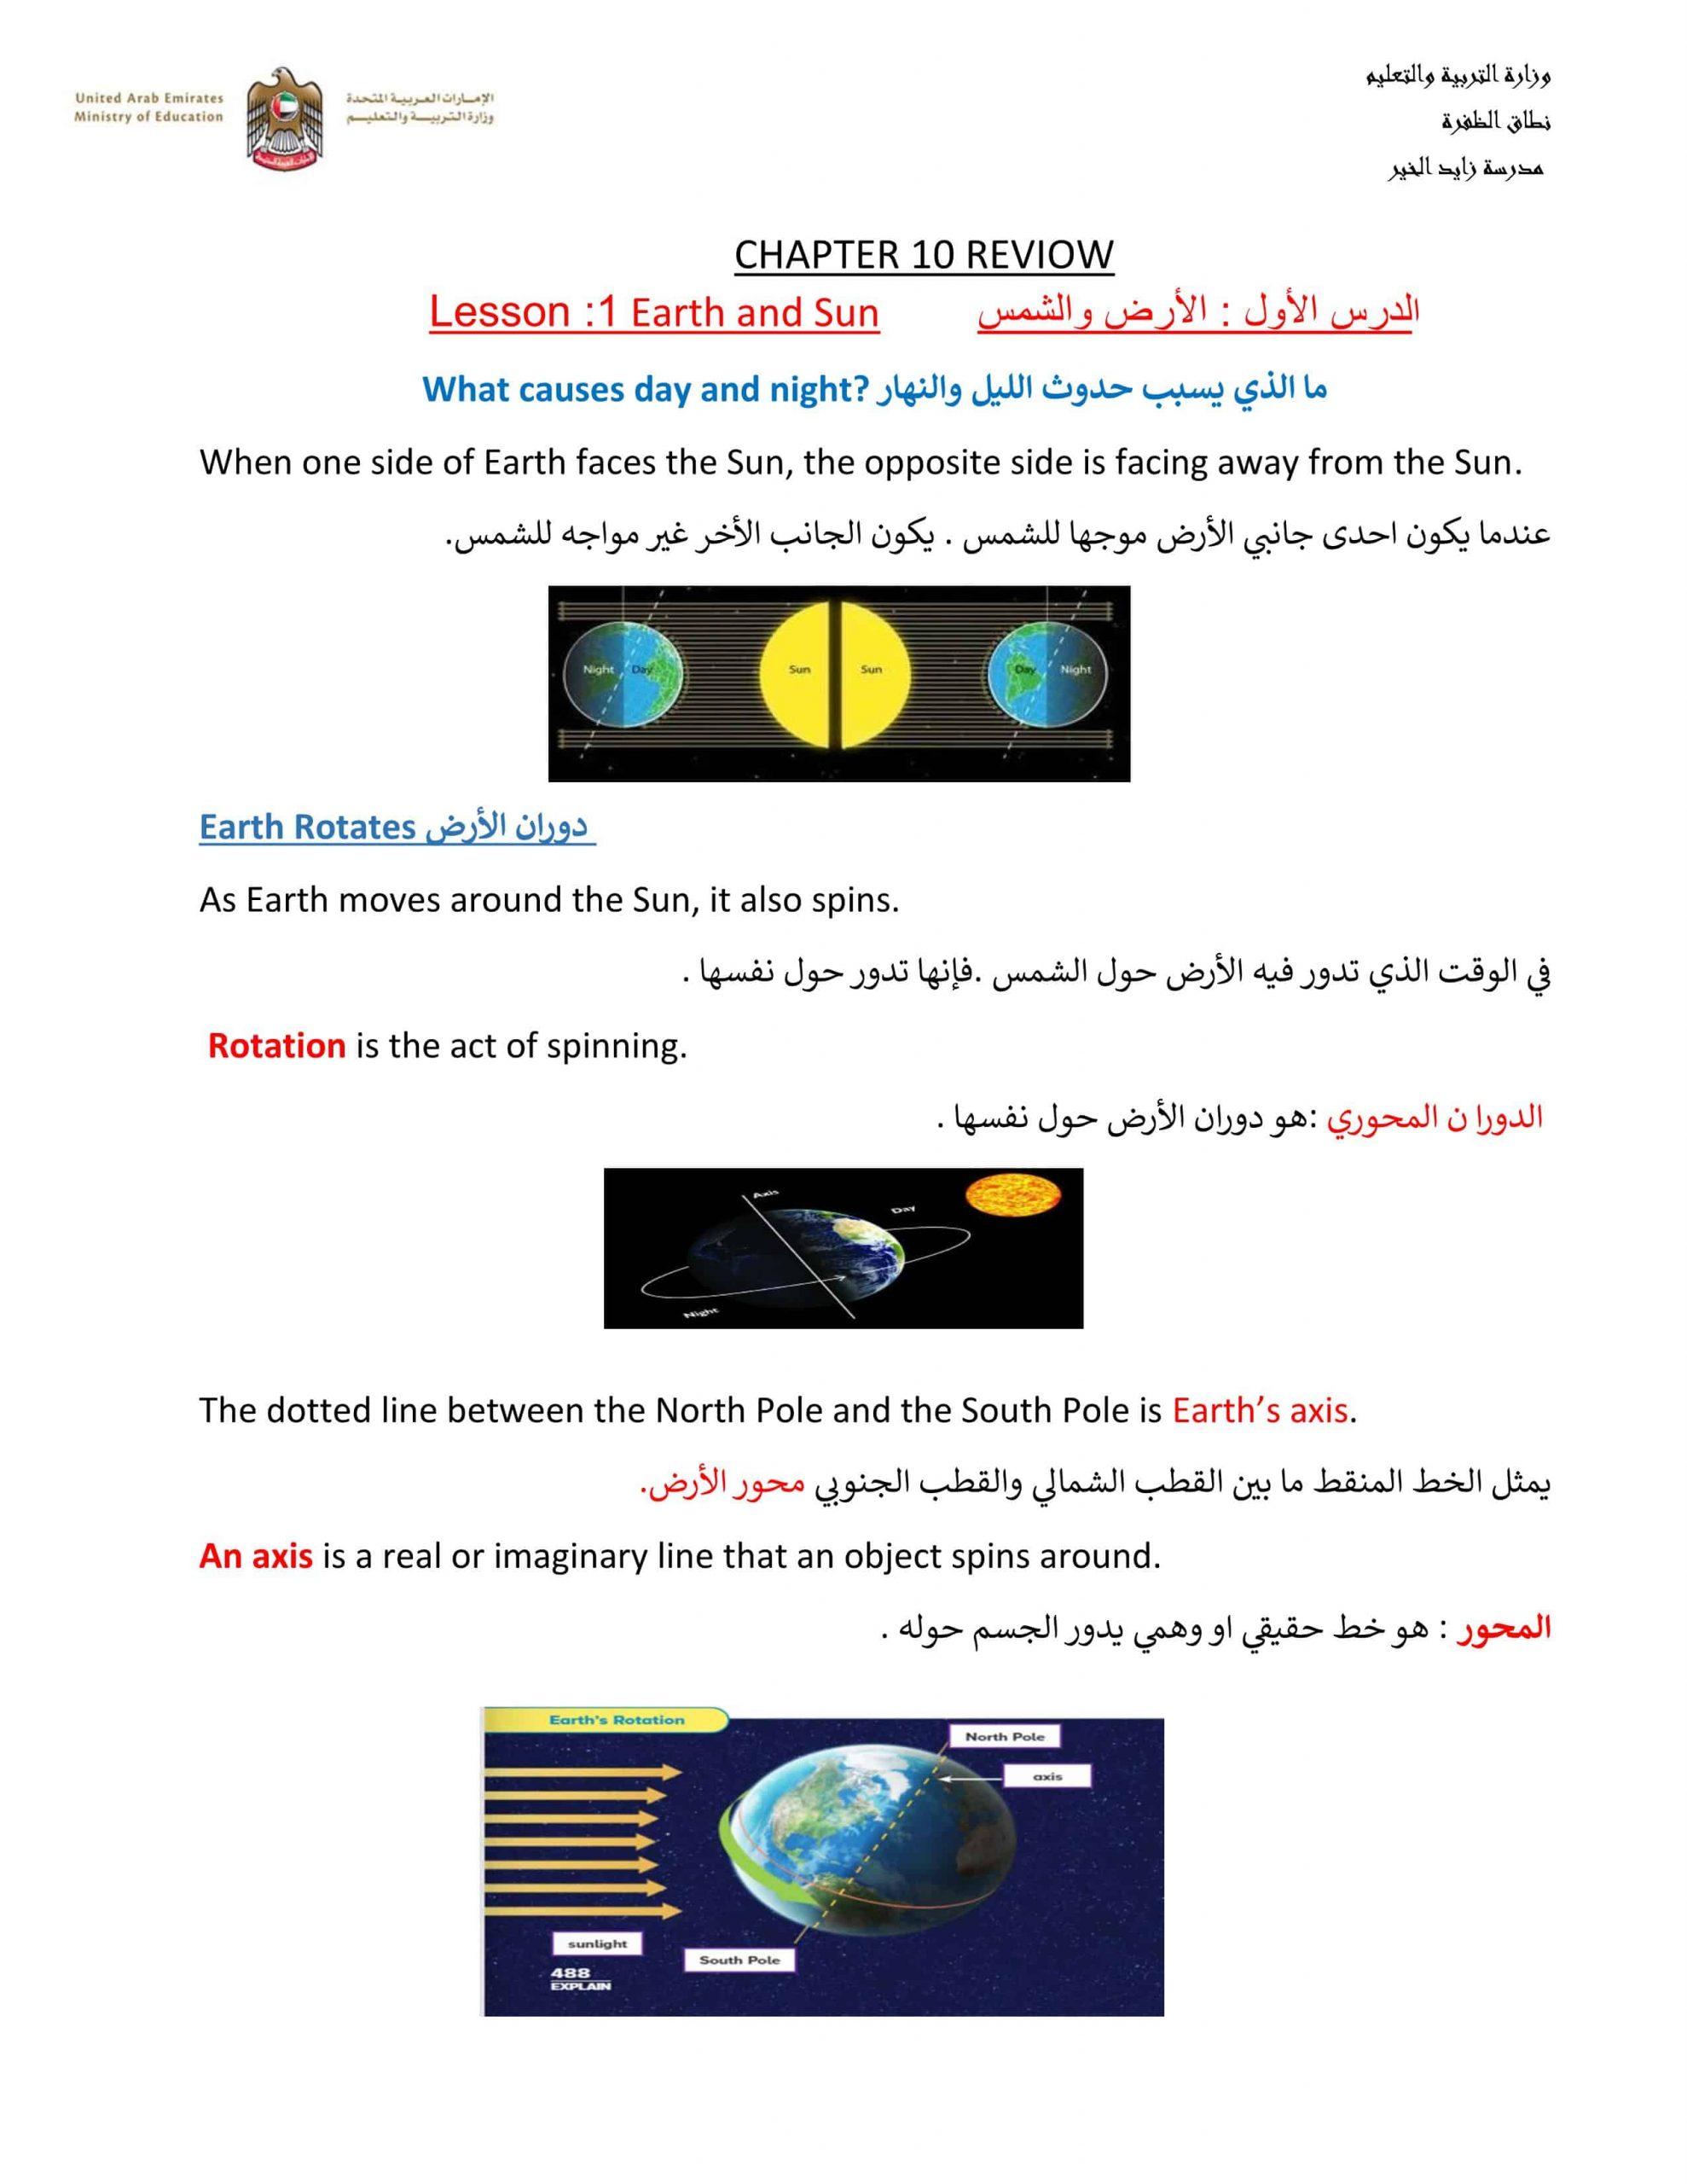 ملخص CHAPTER 10 REVIOW بالإنجليزي الصف الرابع مادة العلوم المتكاملة